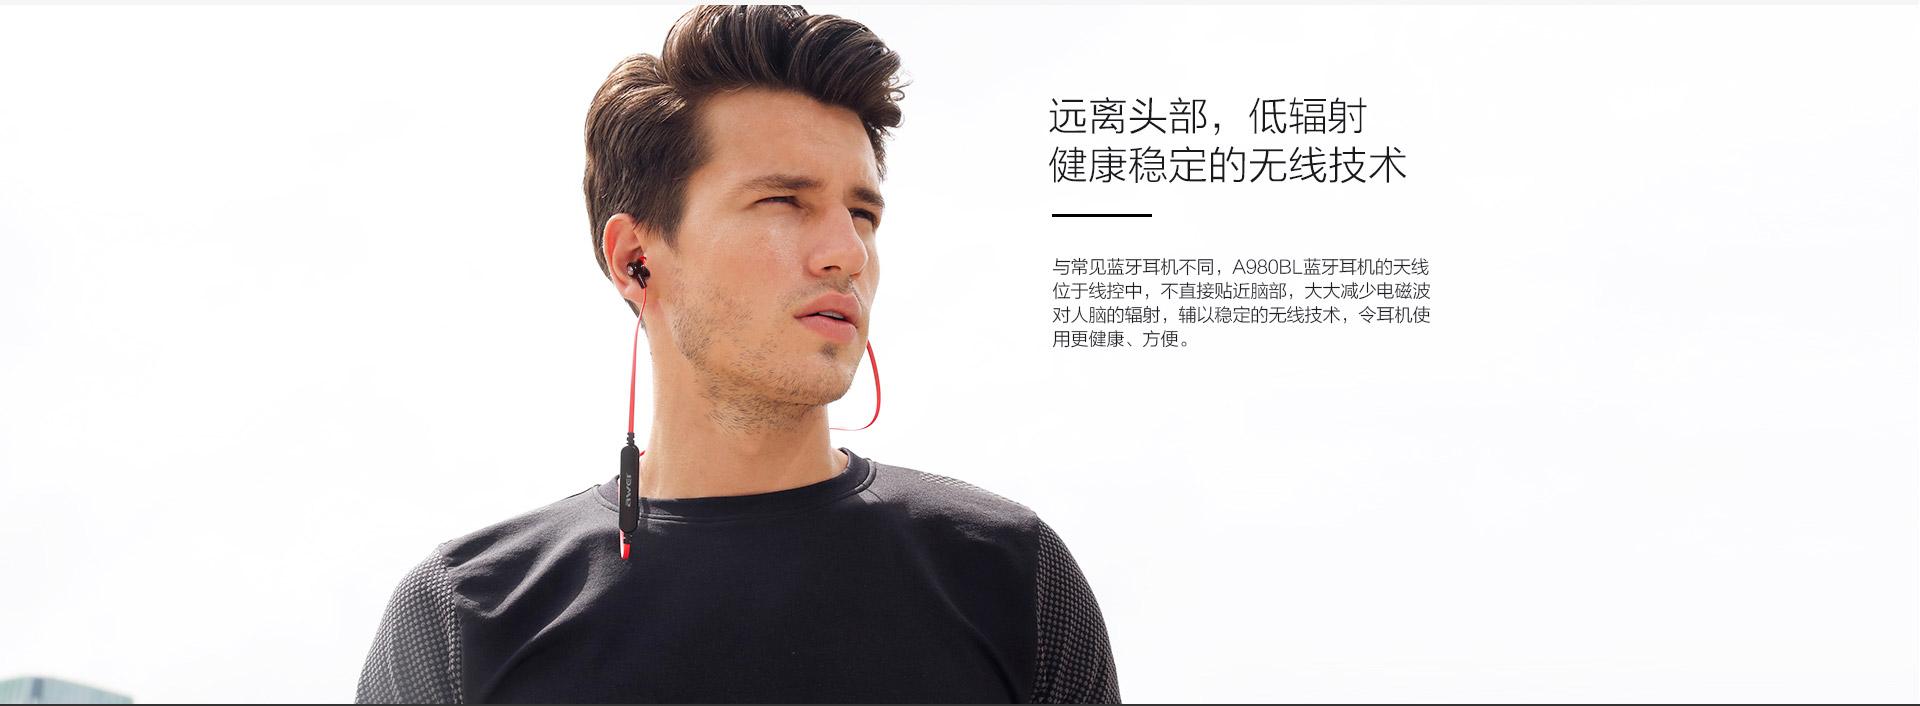 低辐射无线技述-智能运动蓝牙耳机